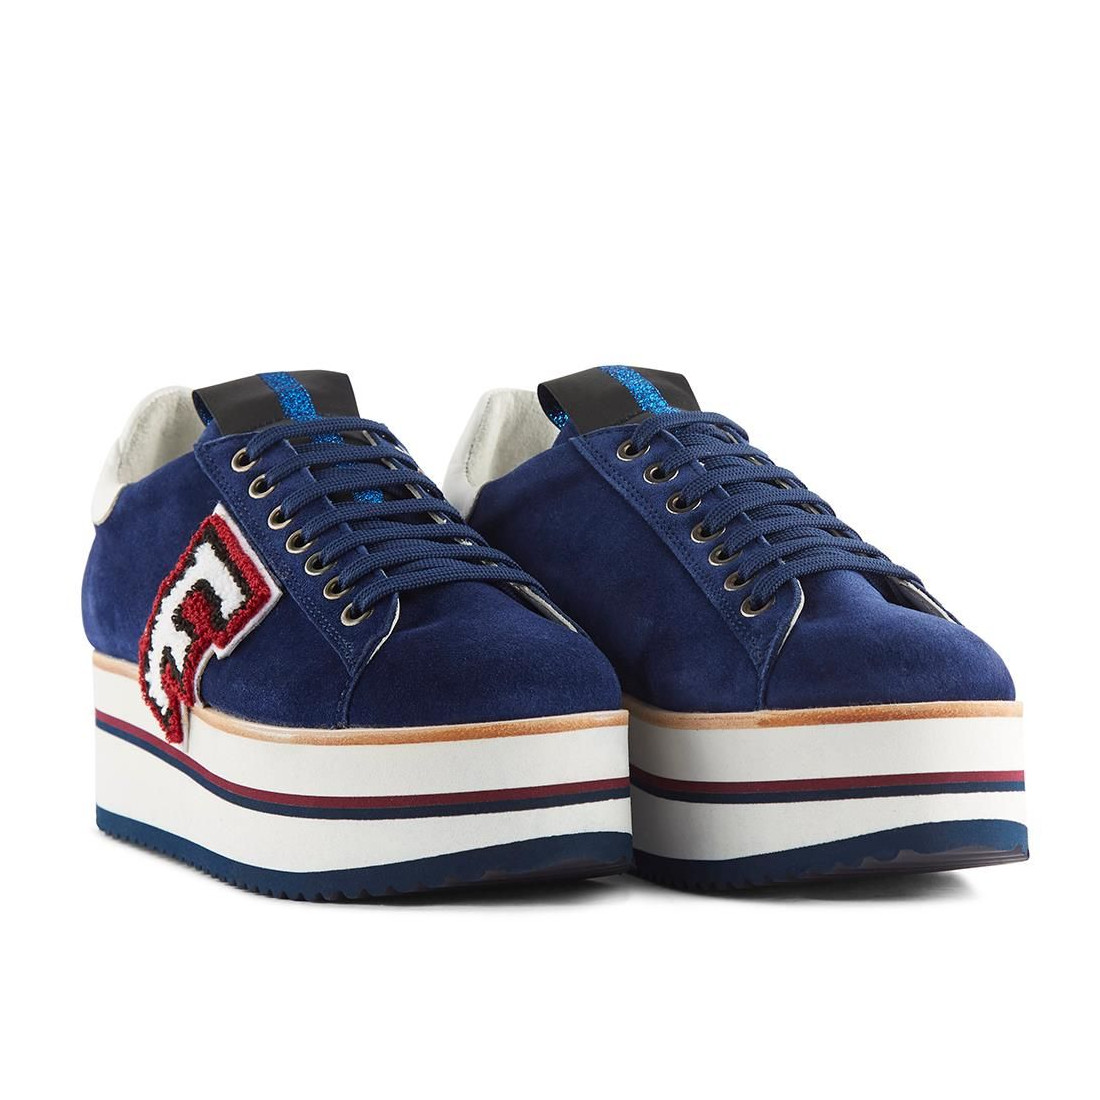 sneakers donna fabi fd5840c00spacamzn8 3518